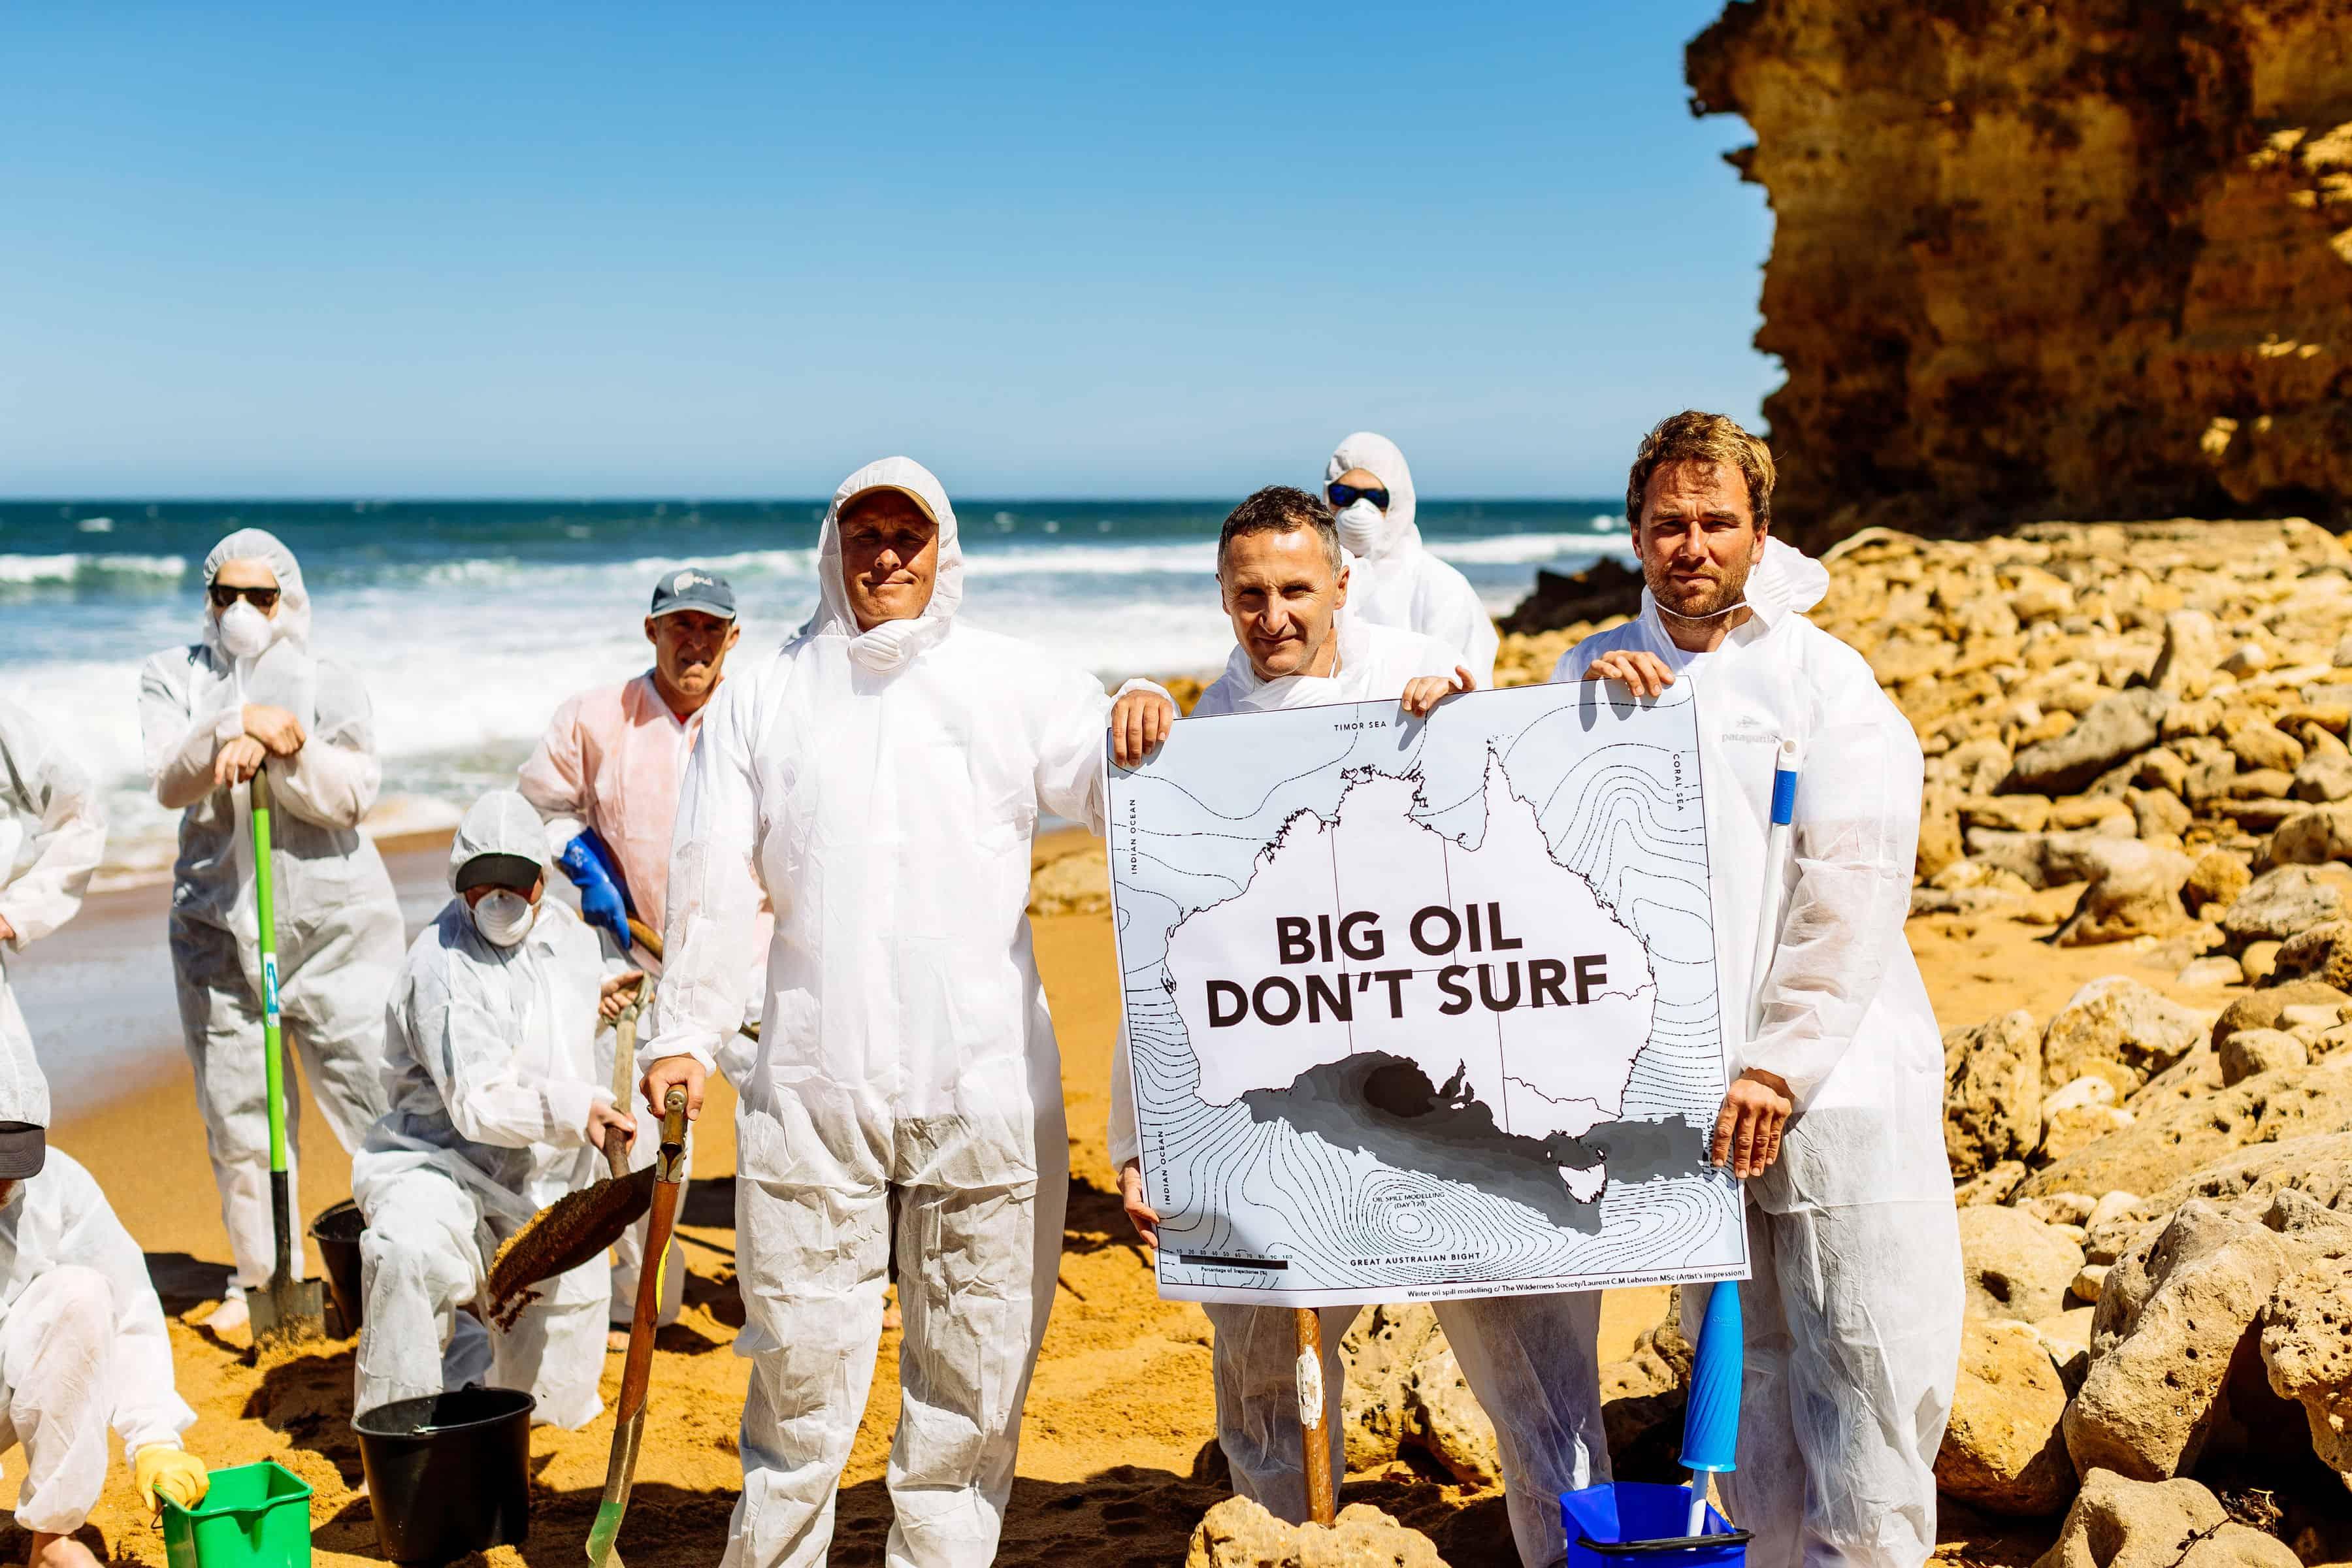 Parlamentsmedlem Richard Di Natale holder opp kartet som viser konsekvensen av oljesøl i Australbukta sammen med representanter fra The Great Torquay Alliance